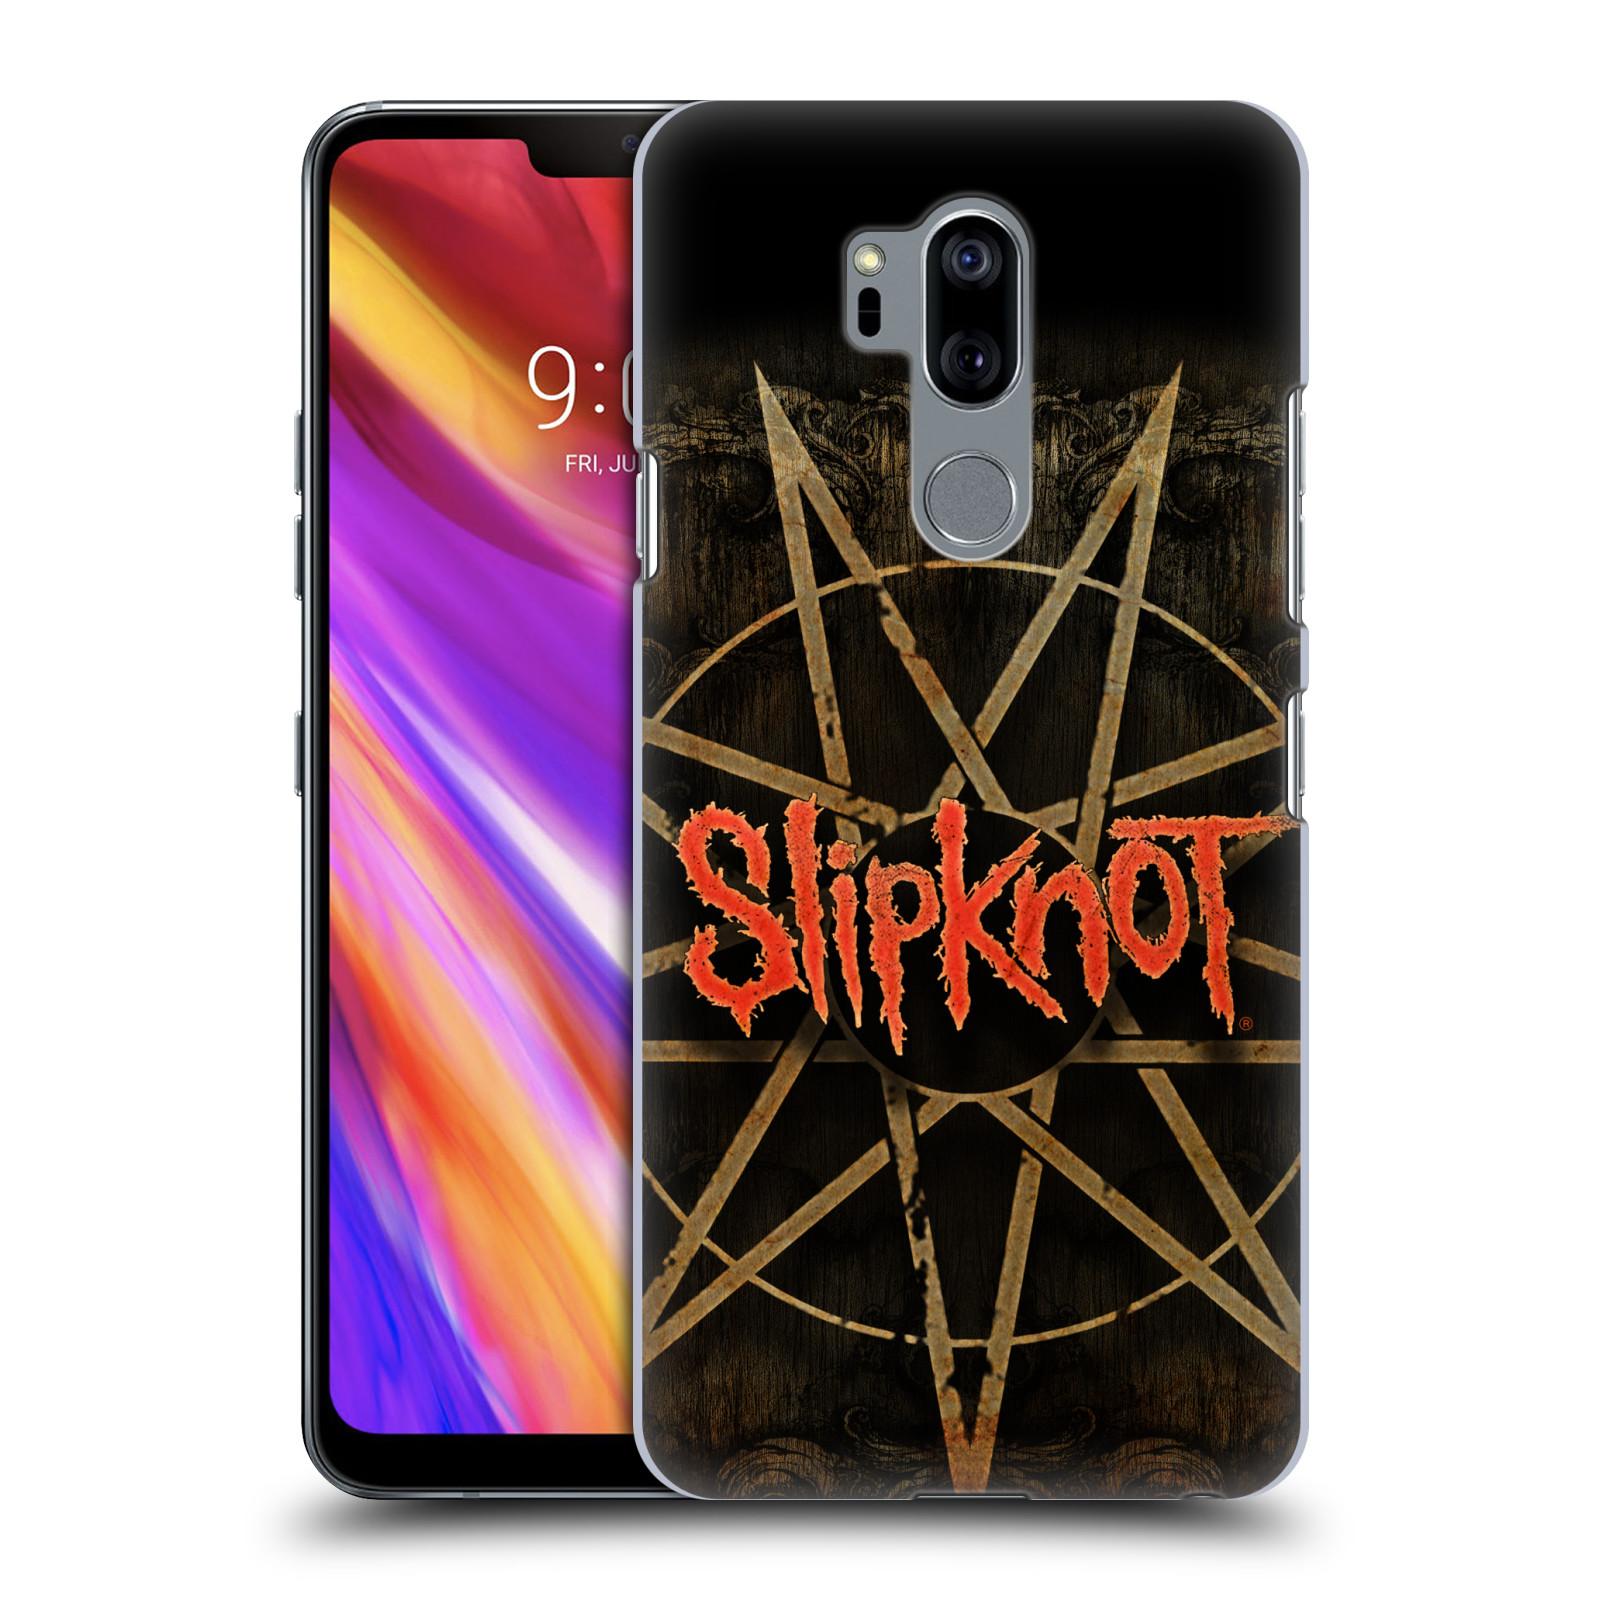 Plastové pouzdro na mobil LG G7 ThinQ - Head Case - Slipknot - Znak